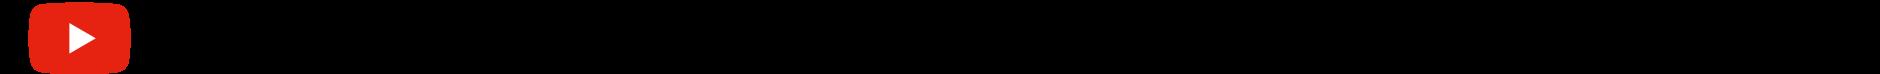 ジョシュ・ラモナカによるメンズプレシジョンカット ムービー